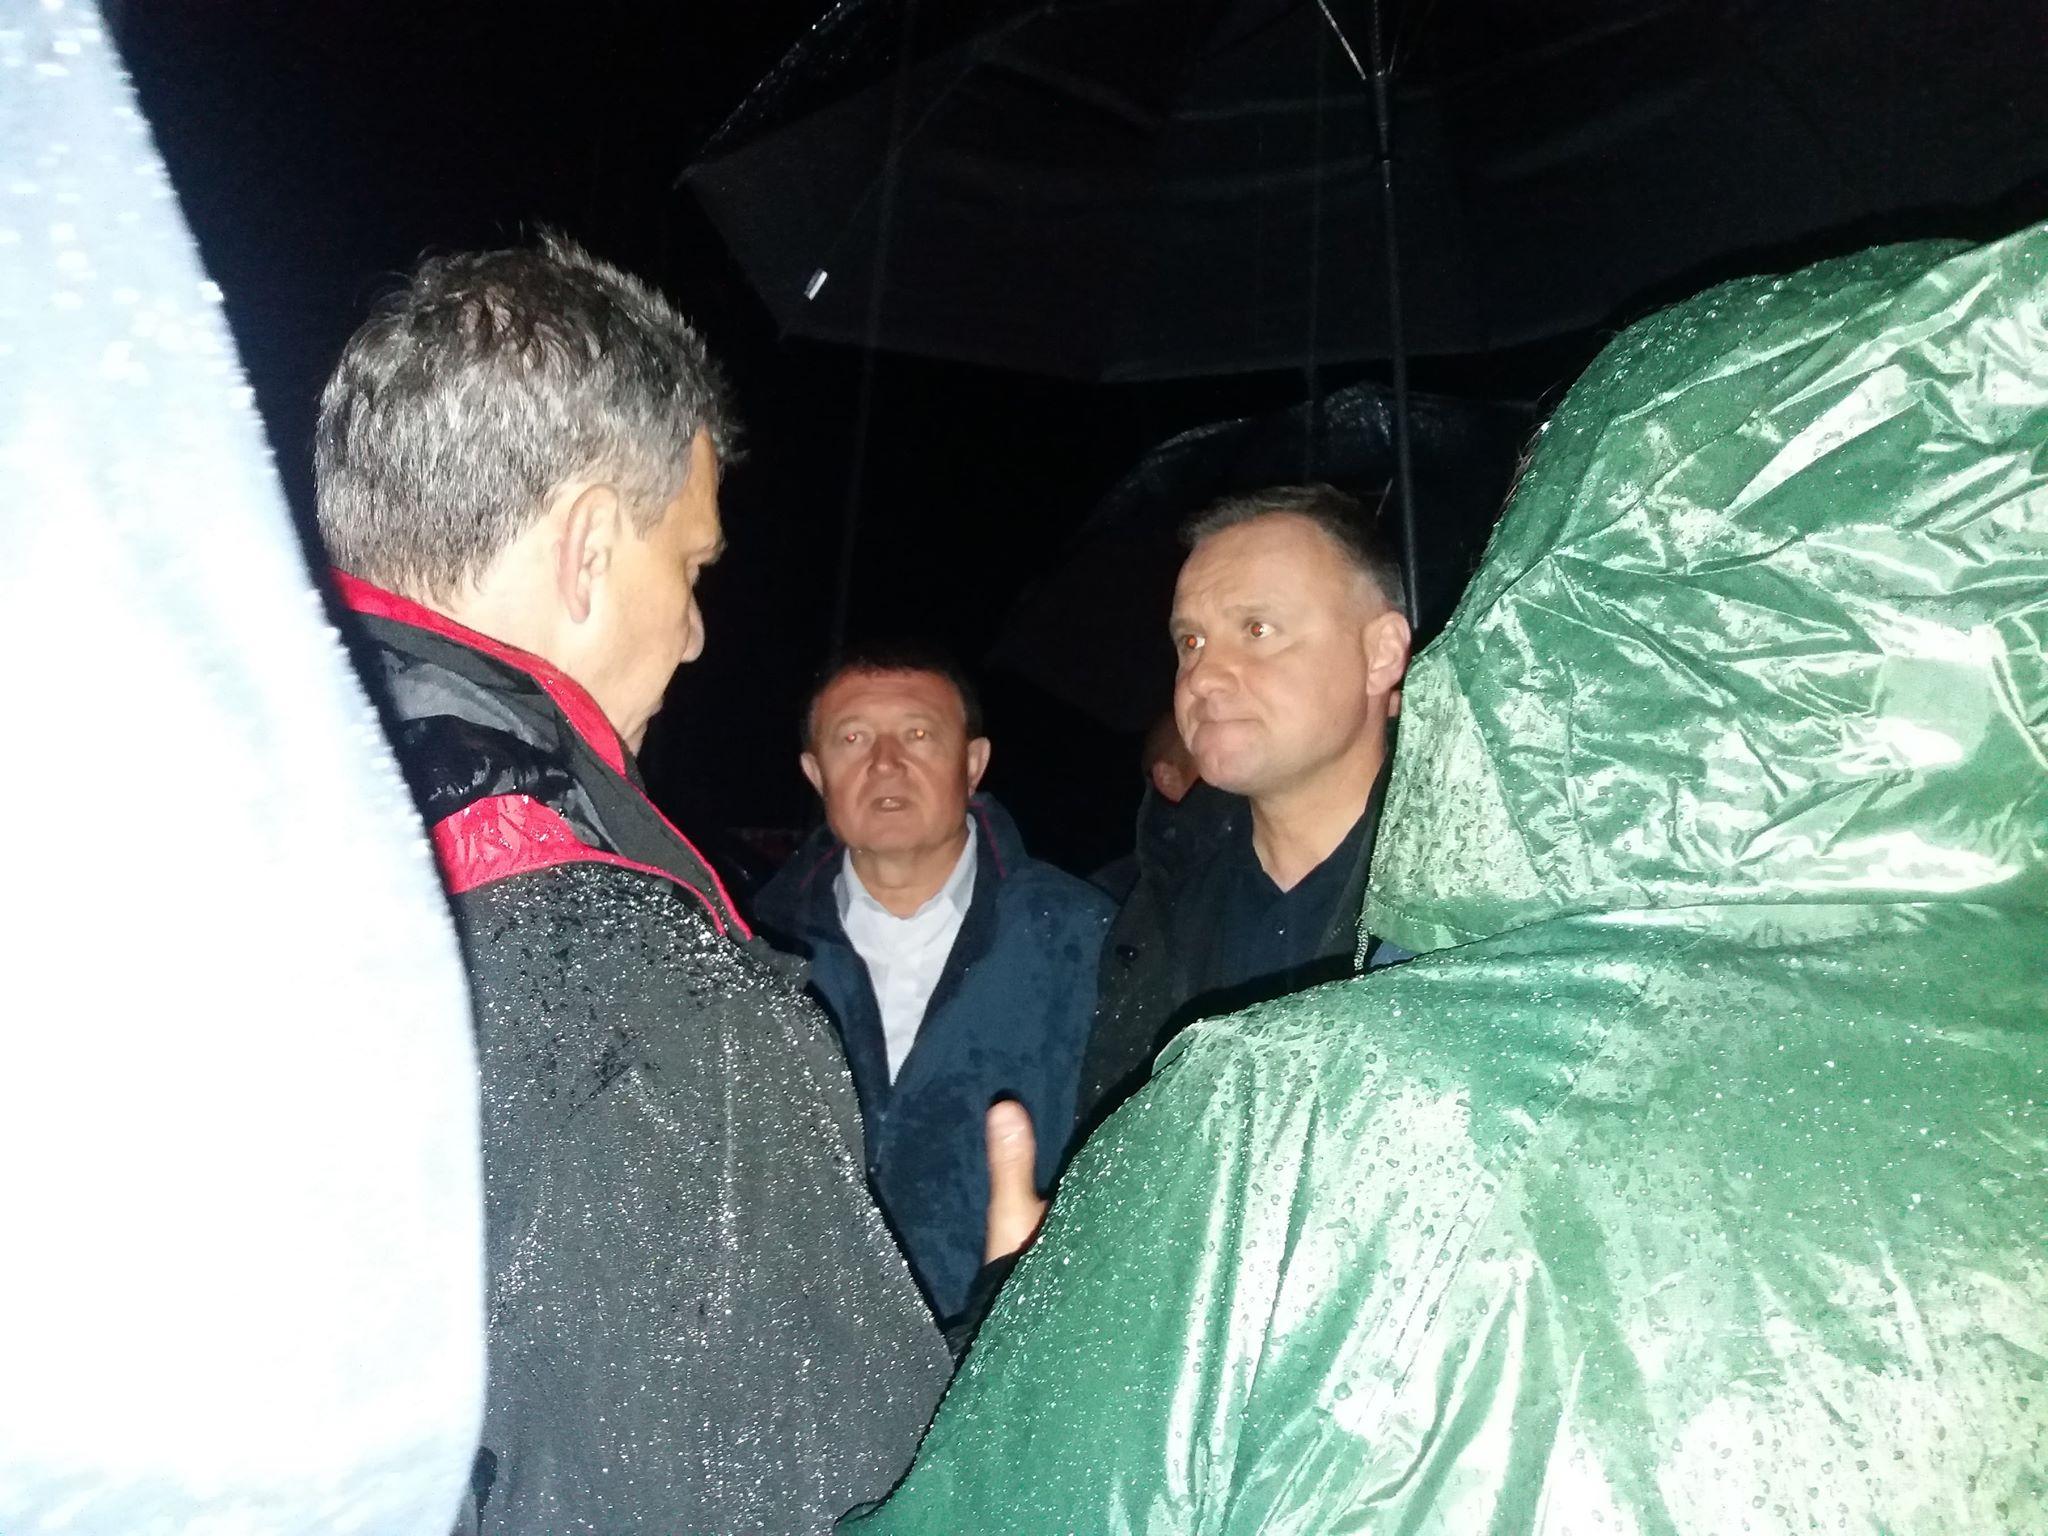 Wizyta Prezydenta RP w powiecie limanowskim na terenach dotknietych podtopieniem